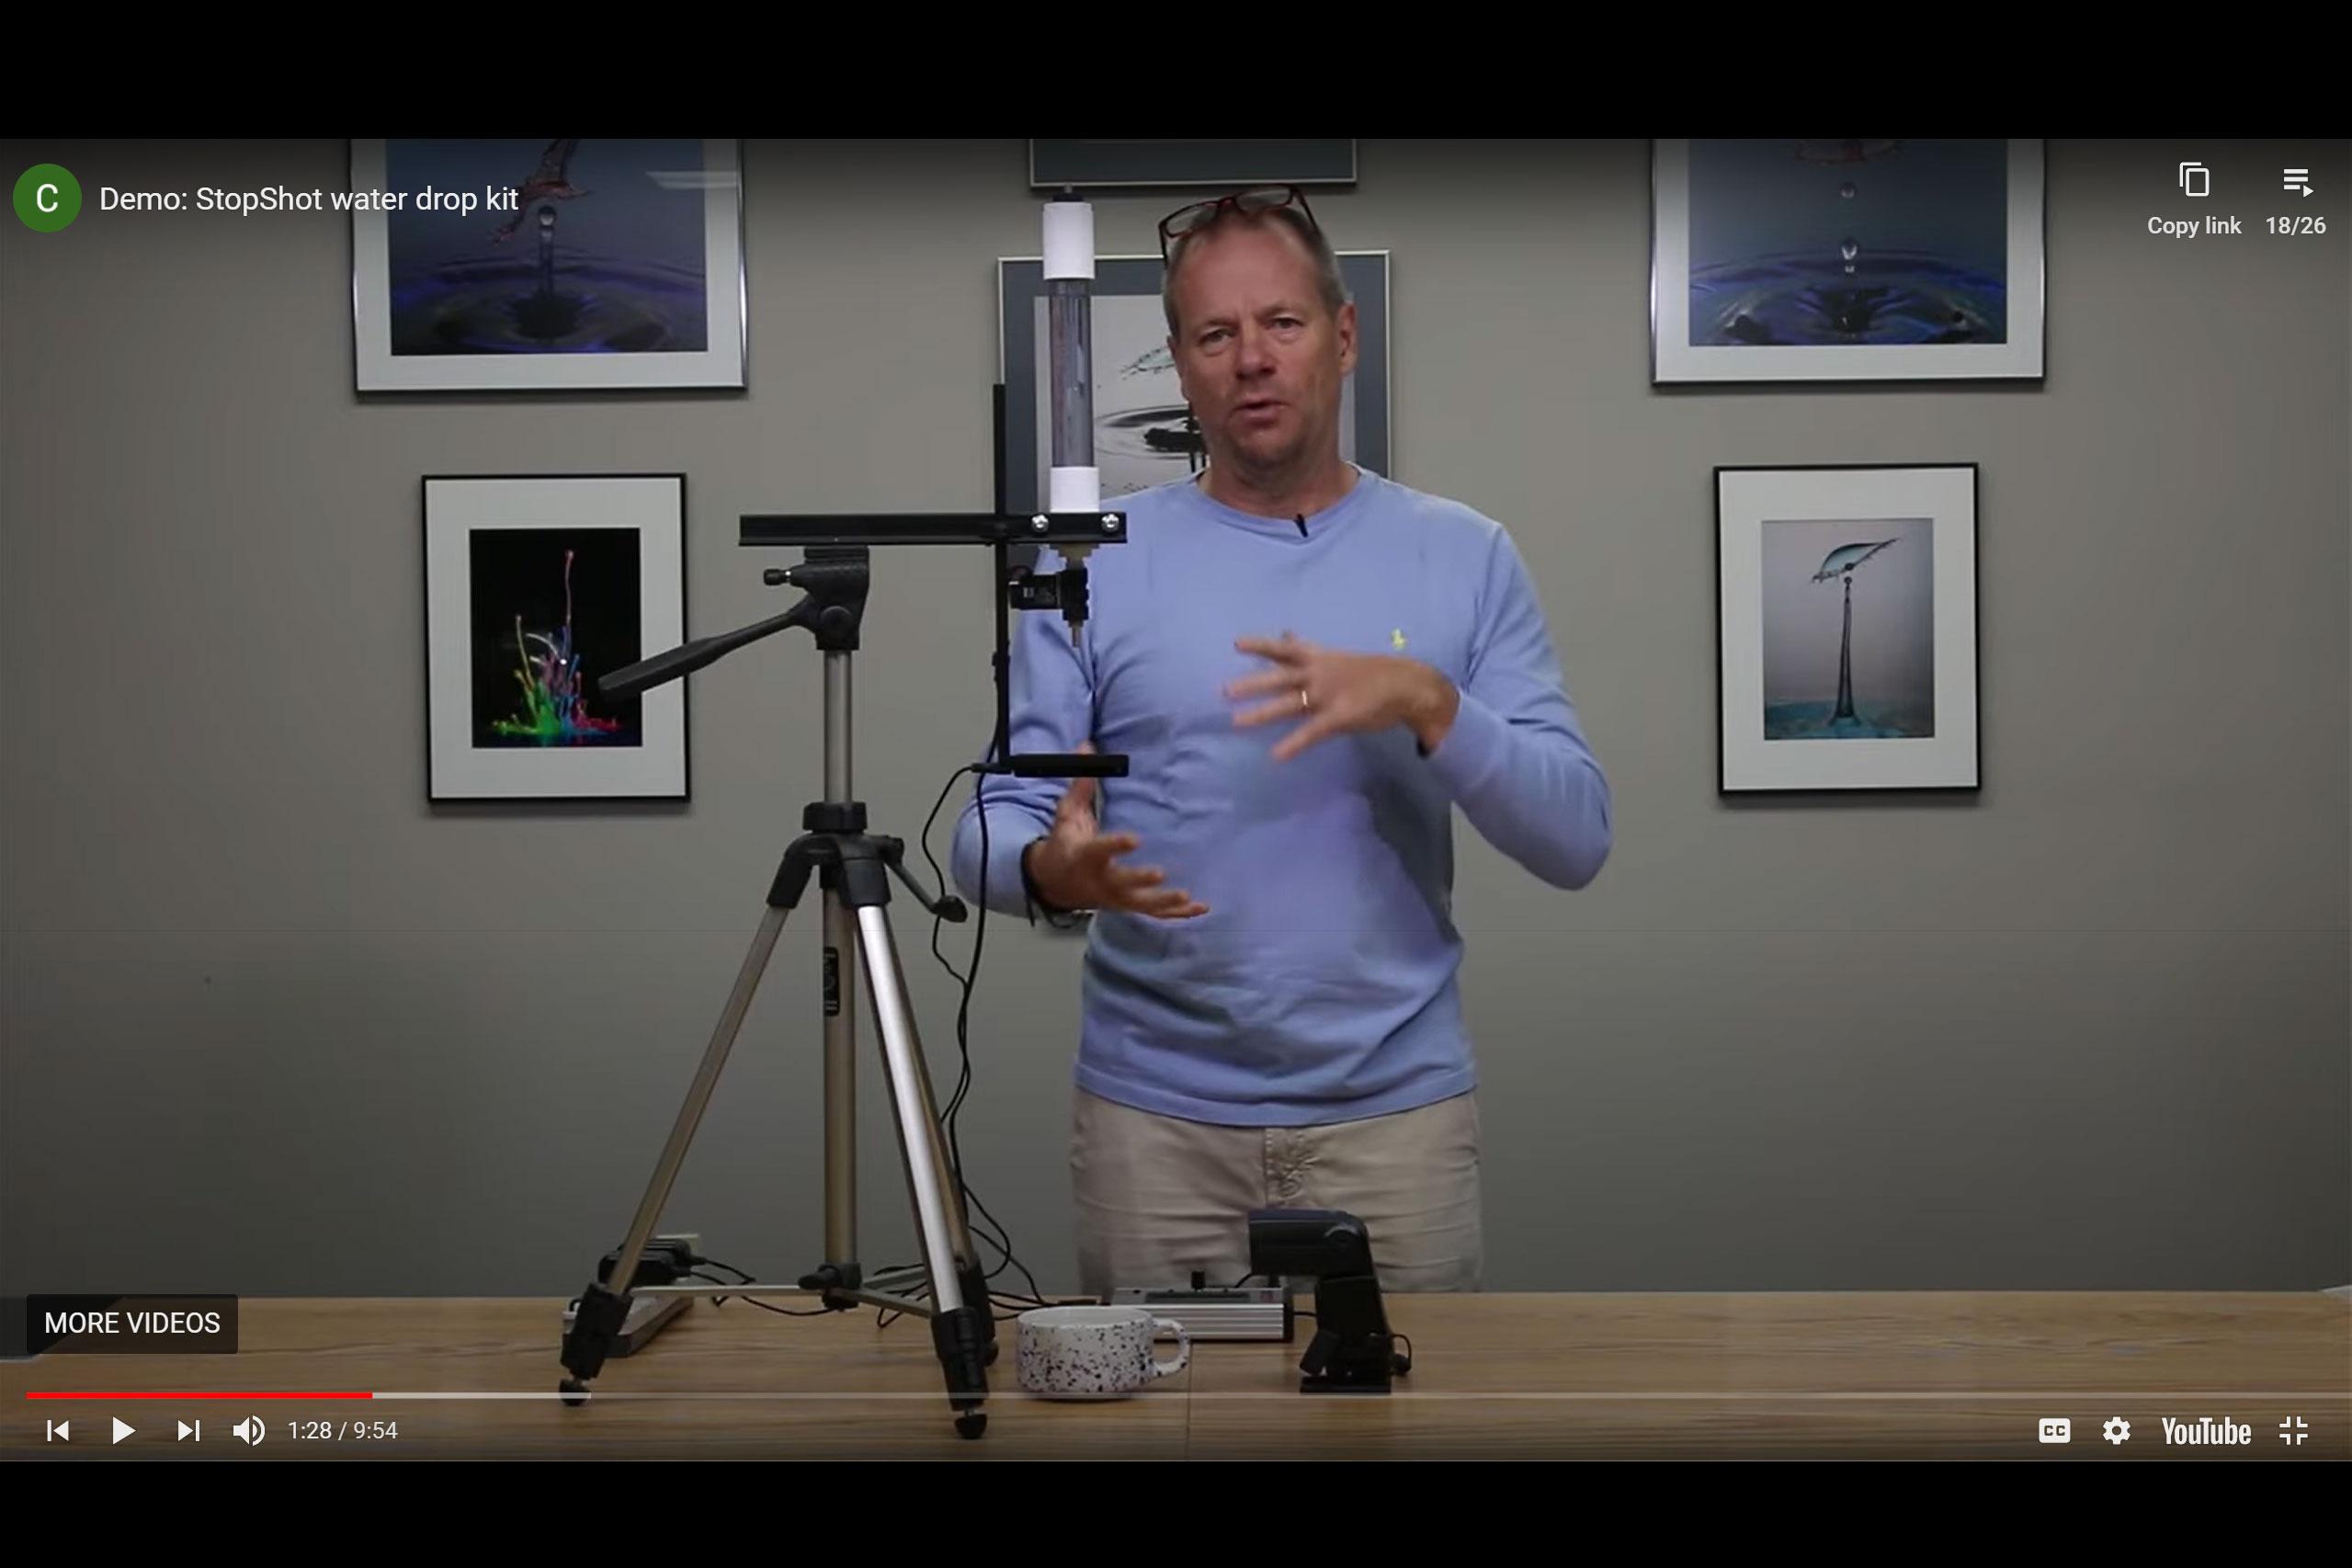 StopShot Water Drop Kit Videos